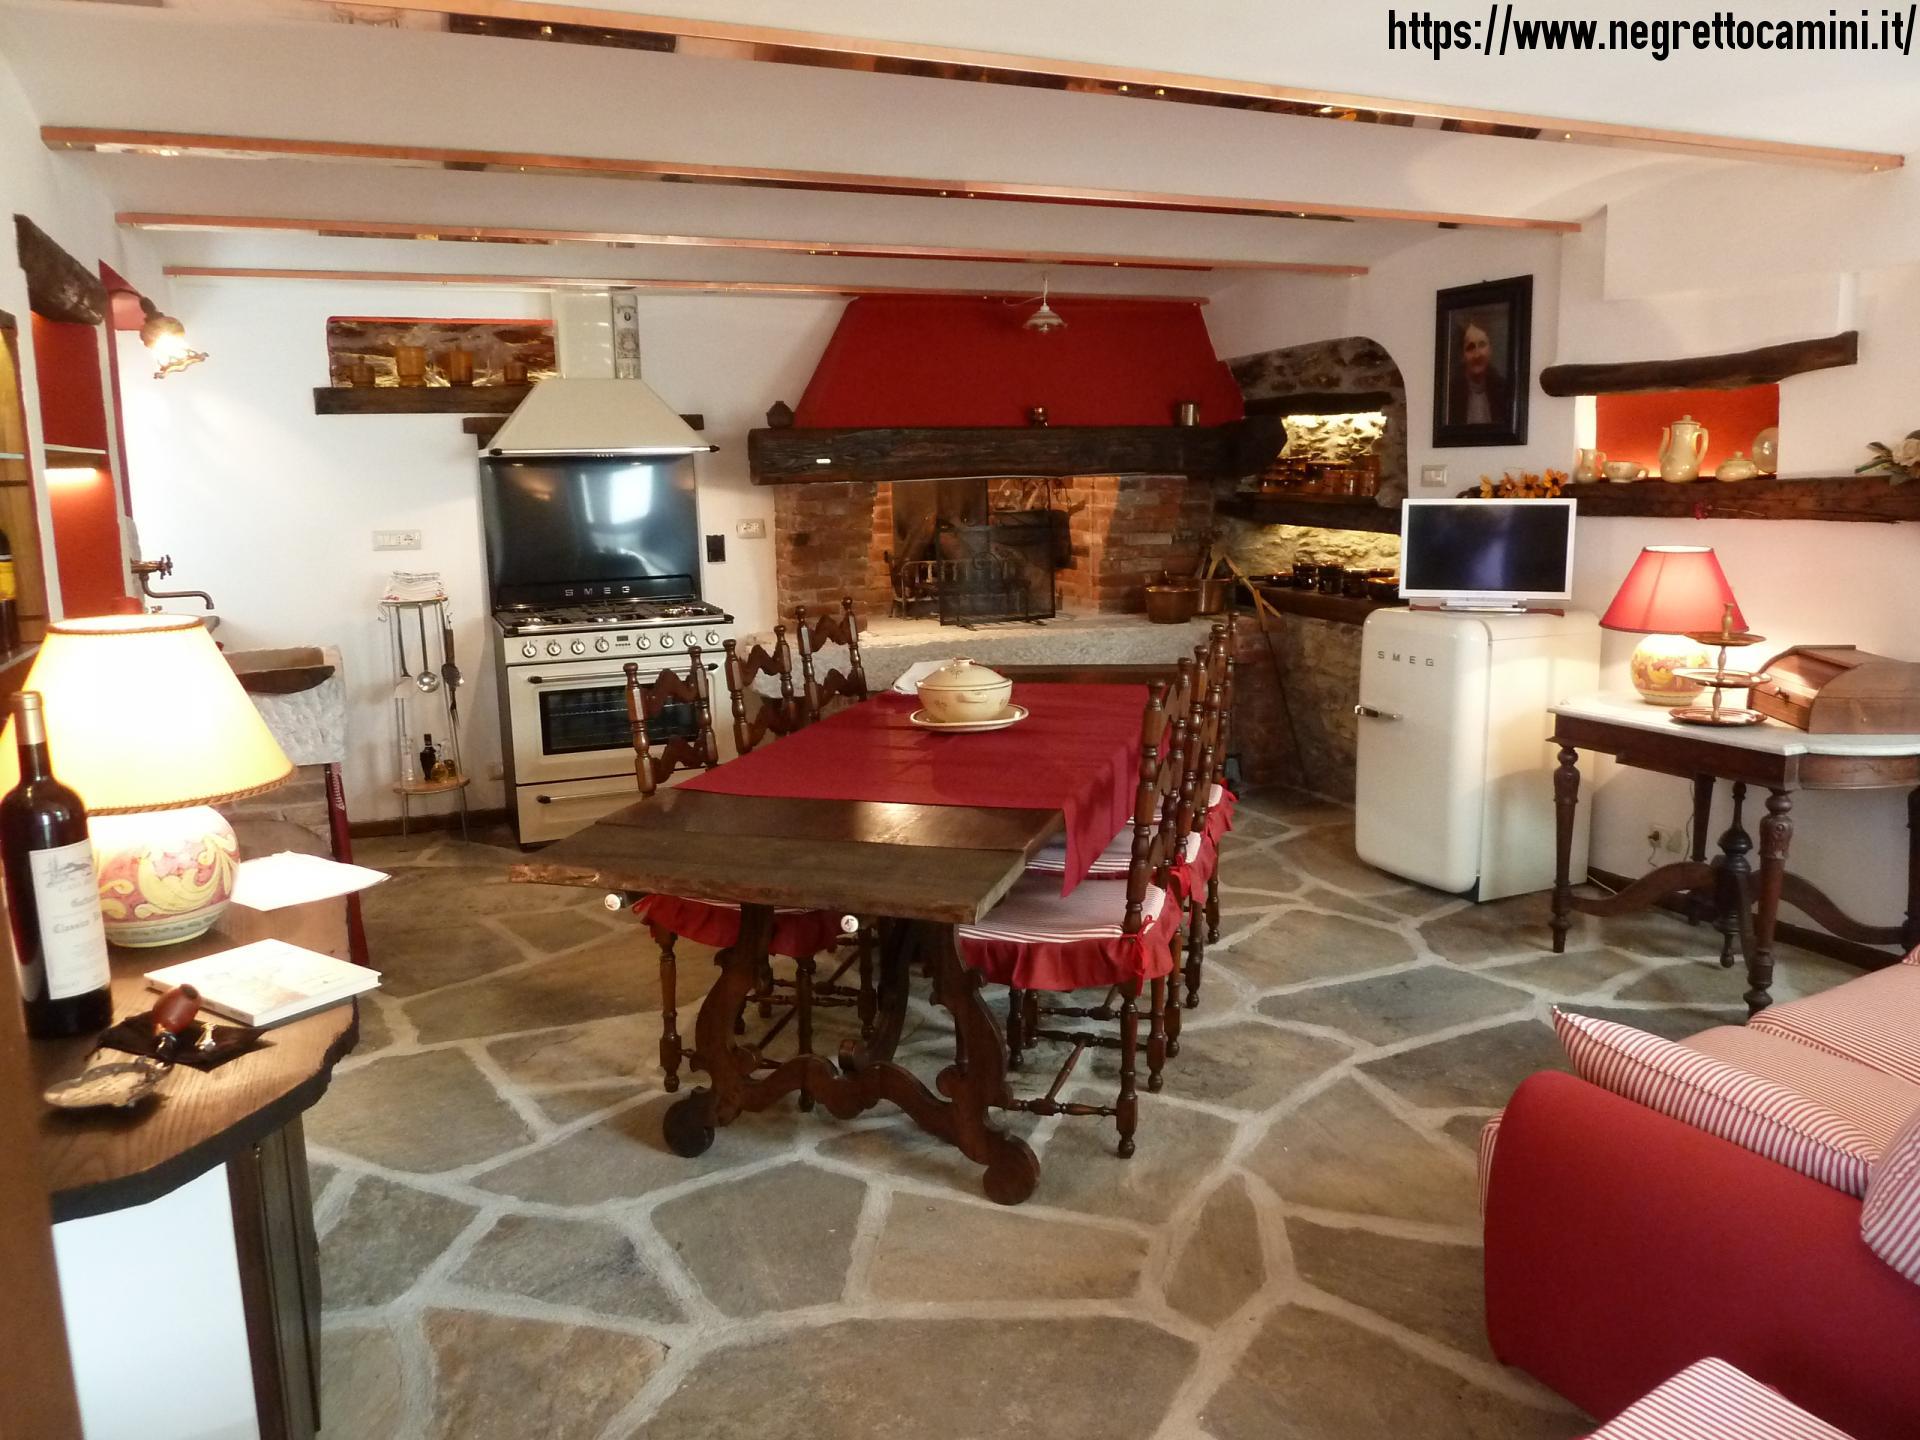 Camino rustico da taverna con secchiaio in marmo - Cucina per tavernetta ...